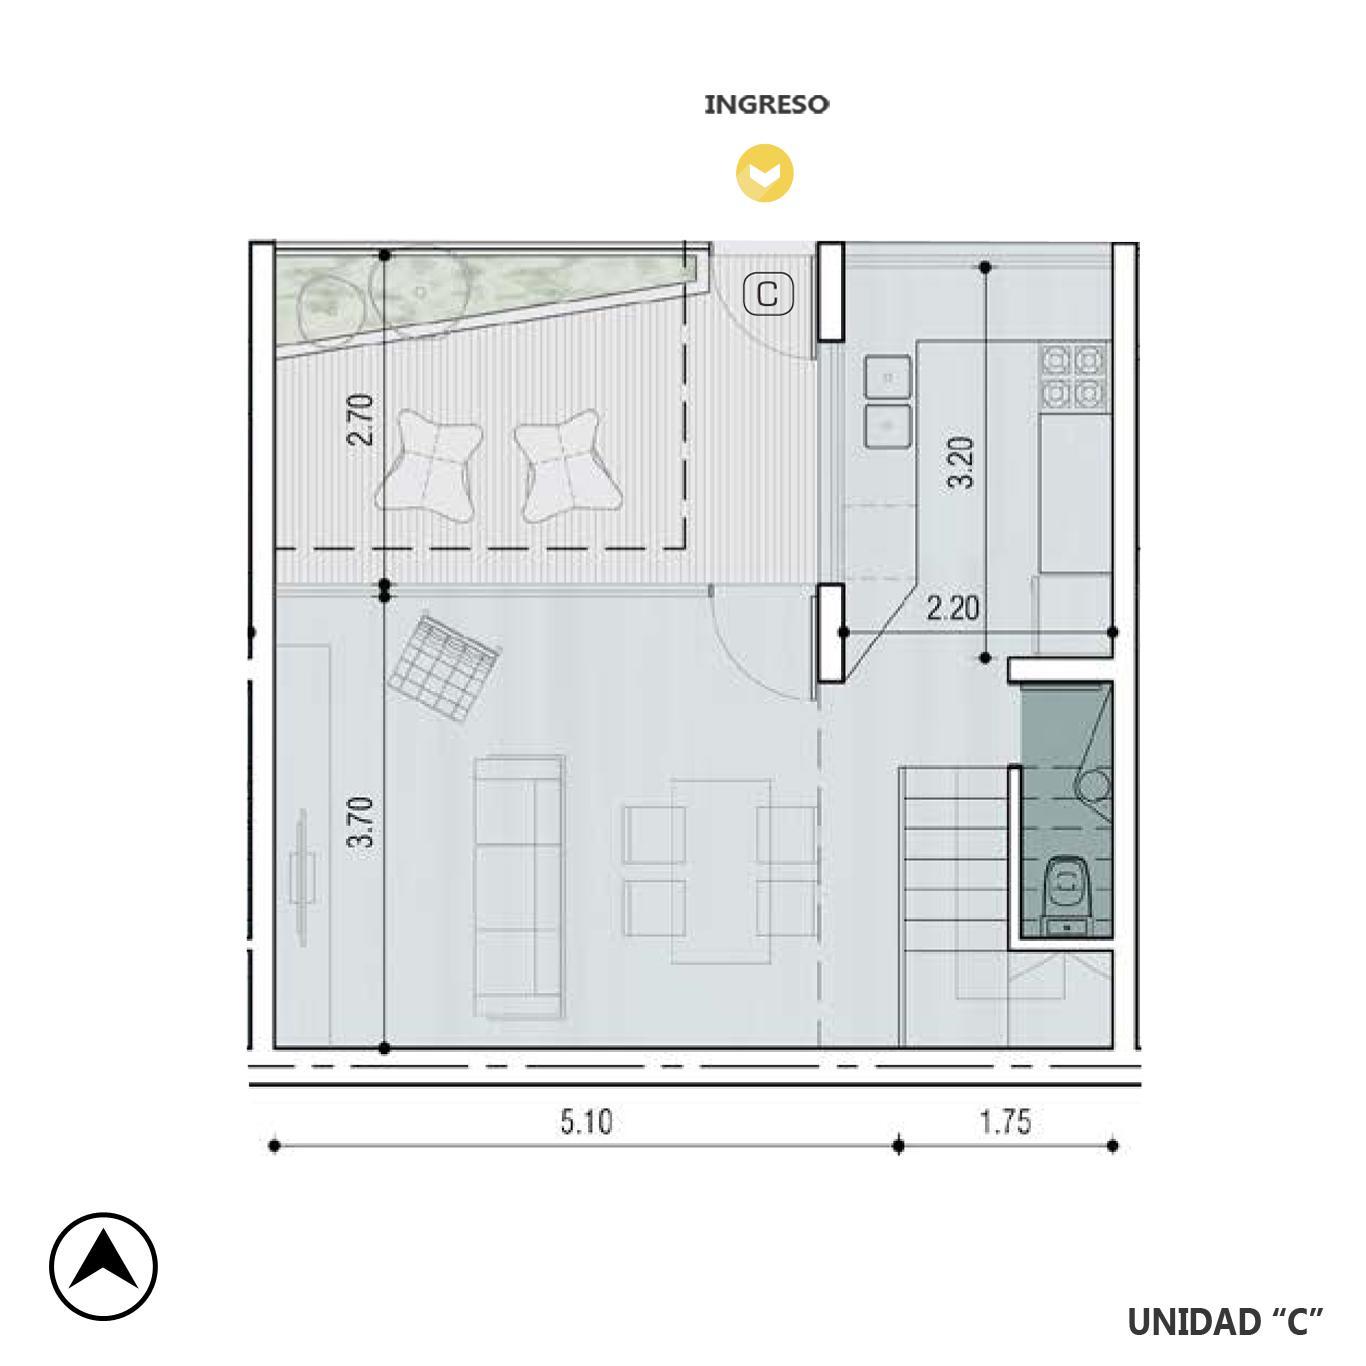 Venta departamento 2 dormitorios Rosario, Pichincha. Cod CBU10166 AP2229151. Crestale Propiedades